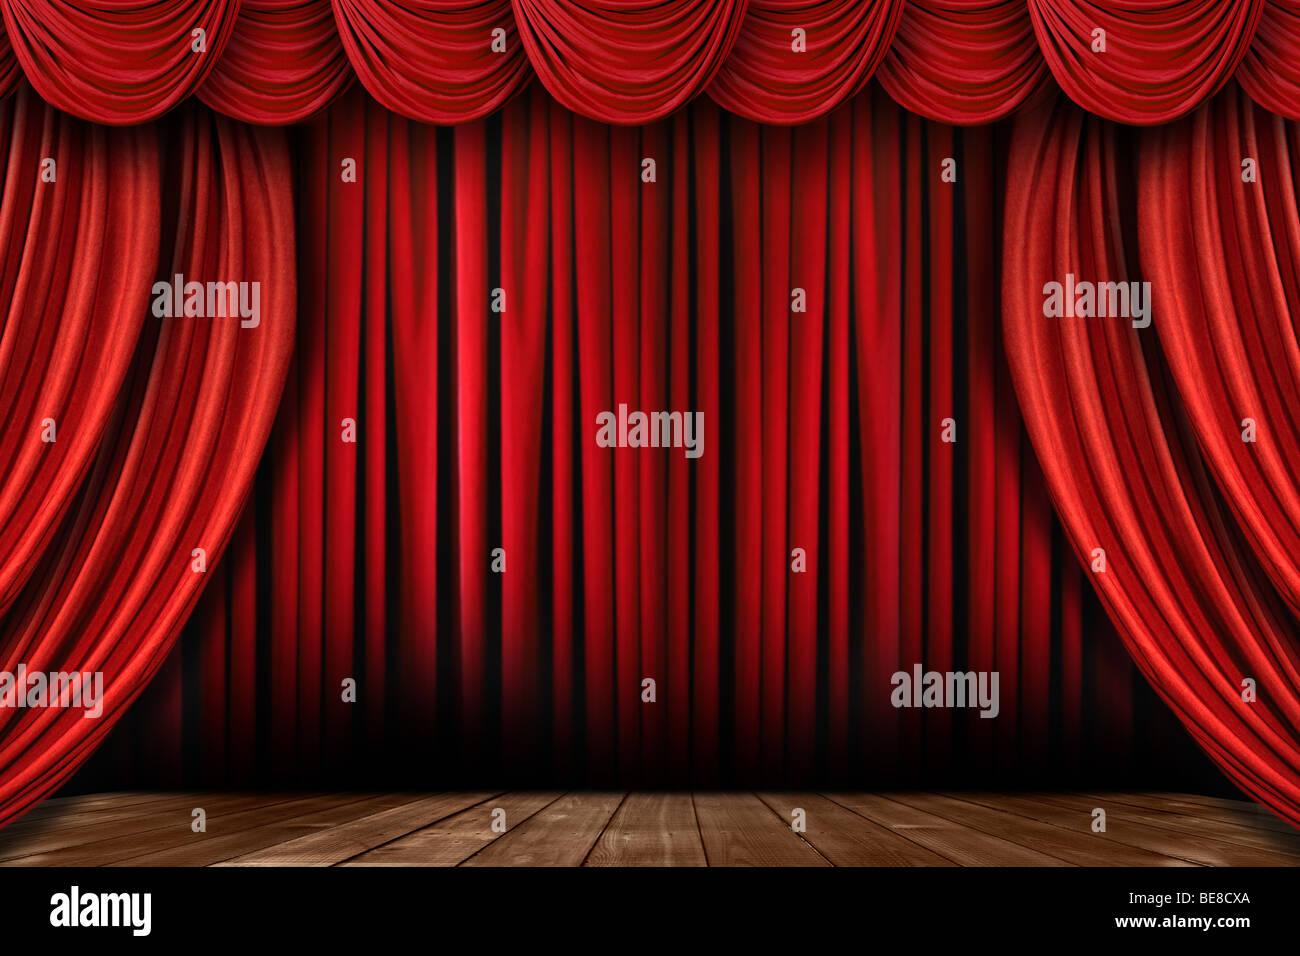 Rideaux de scène rouge vif spectaculaire avec de nombreux festons Banque D'Images